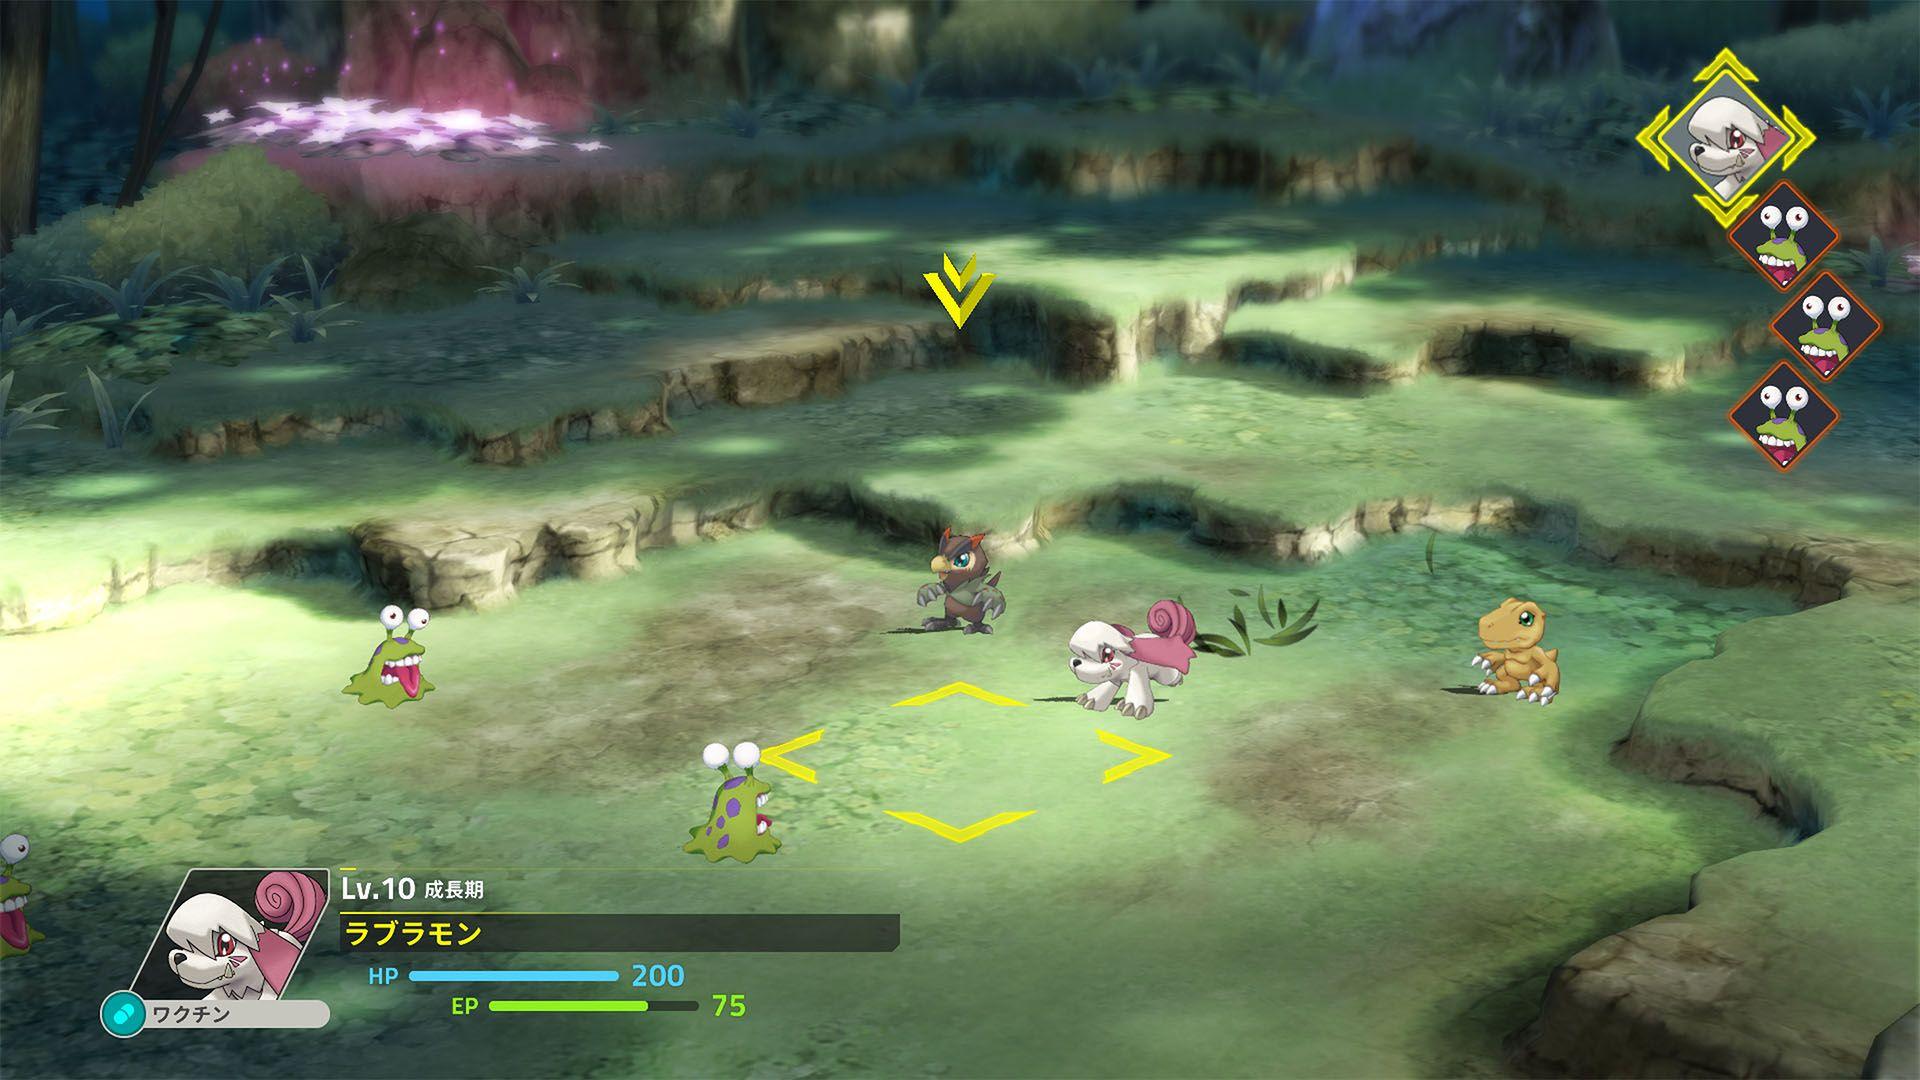 combats digimon survive futur jeu vidéo de la licence